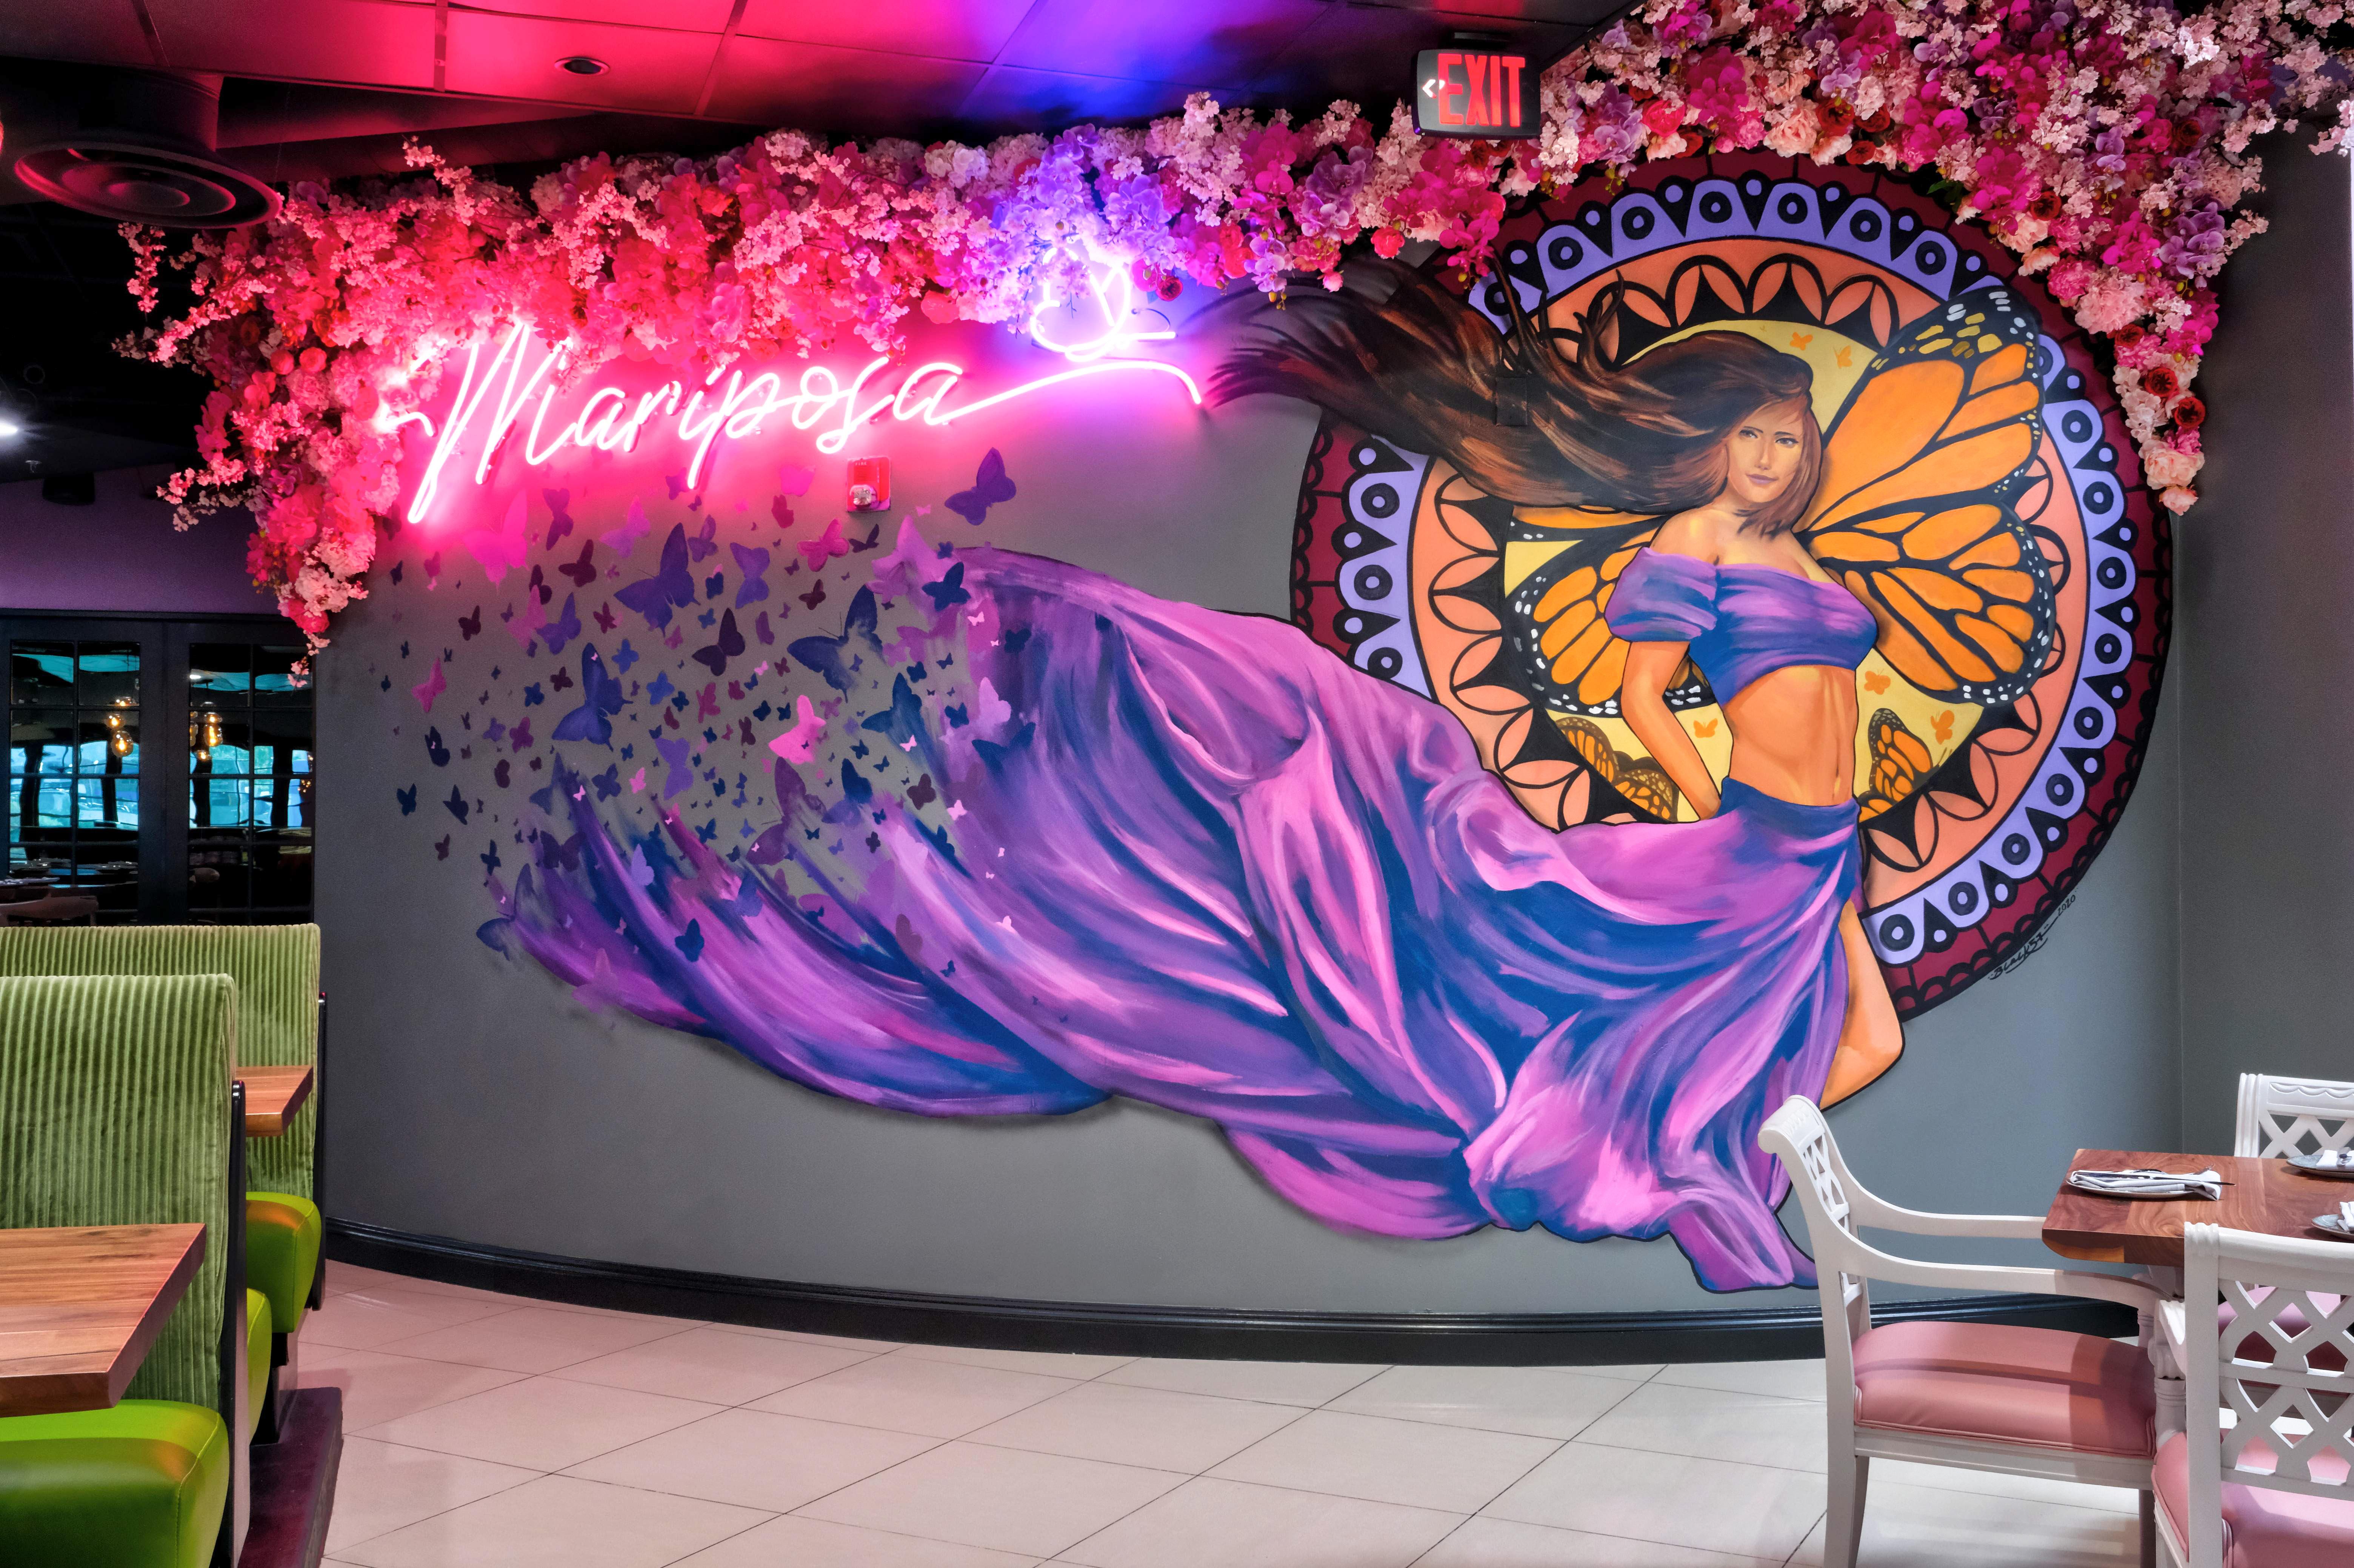 A mural inside a restaurant